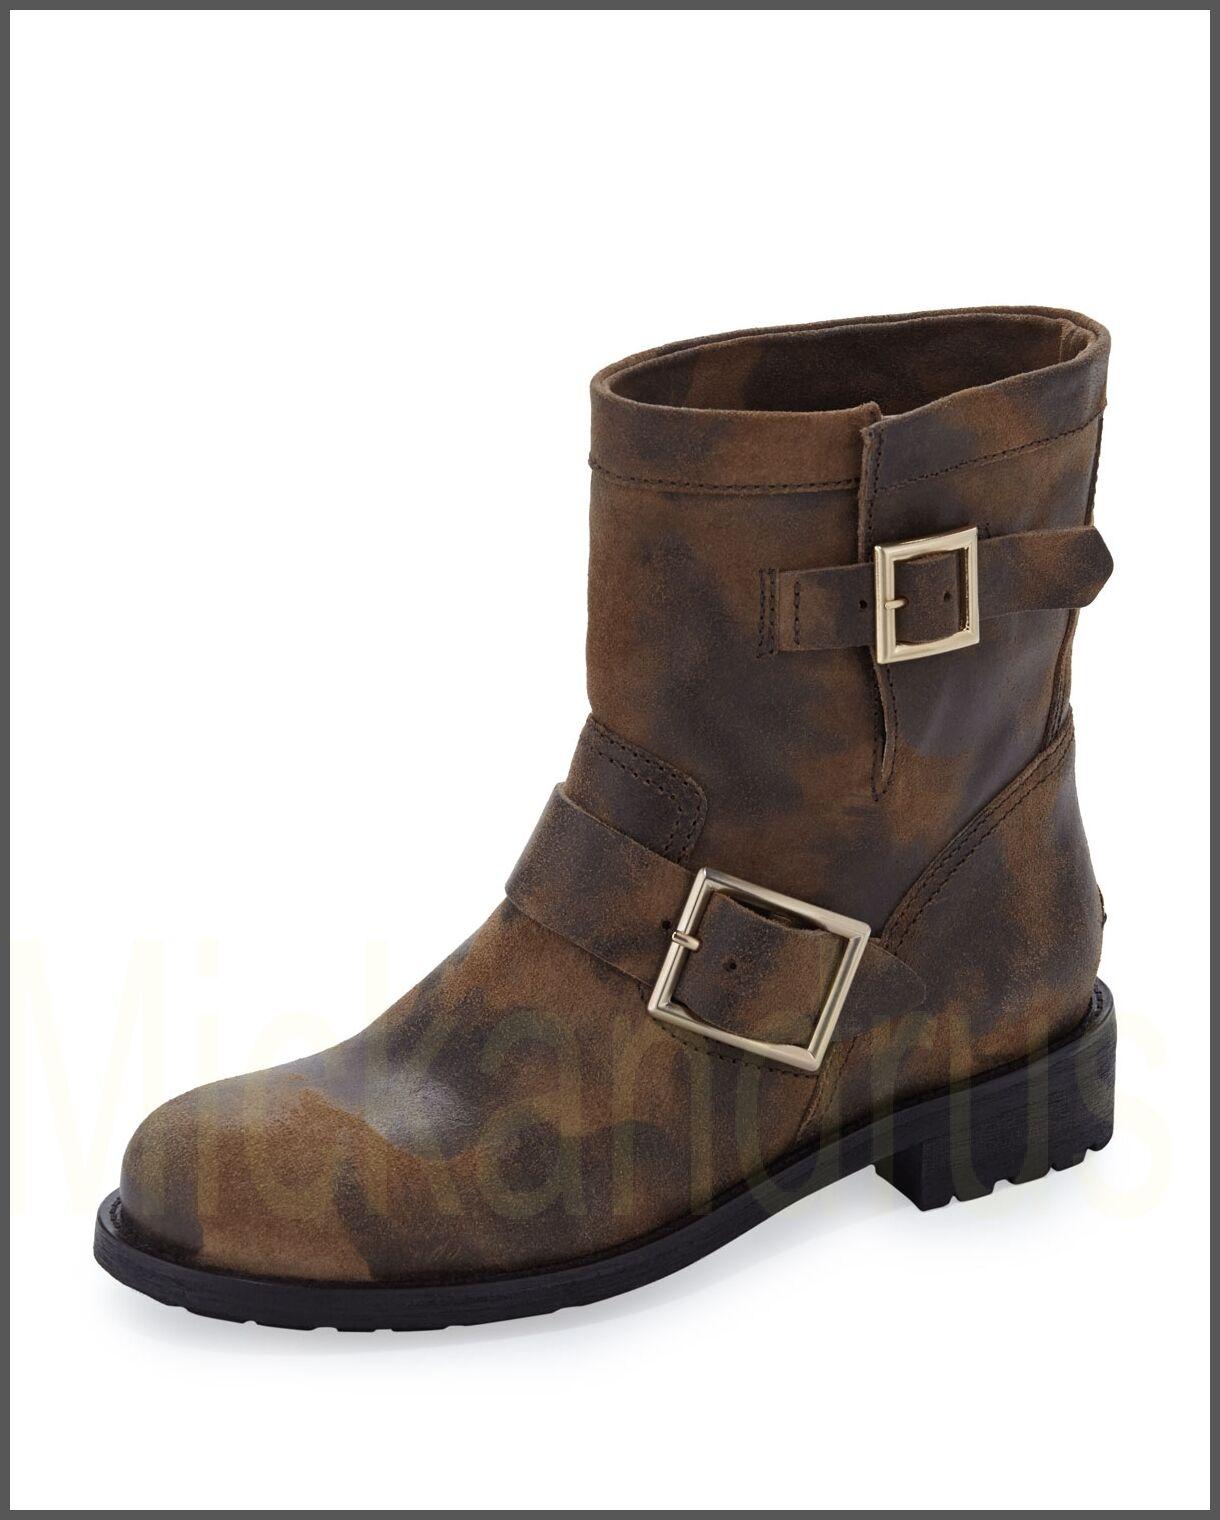 995 Nuevo en Caja JIMMY CHOO cuero zapatos zapatos zapatos botas motocicleta Animal Print Antelope 8,5  mejor servicio